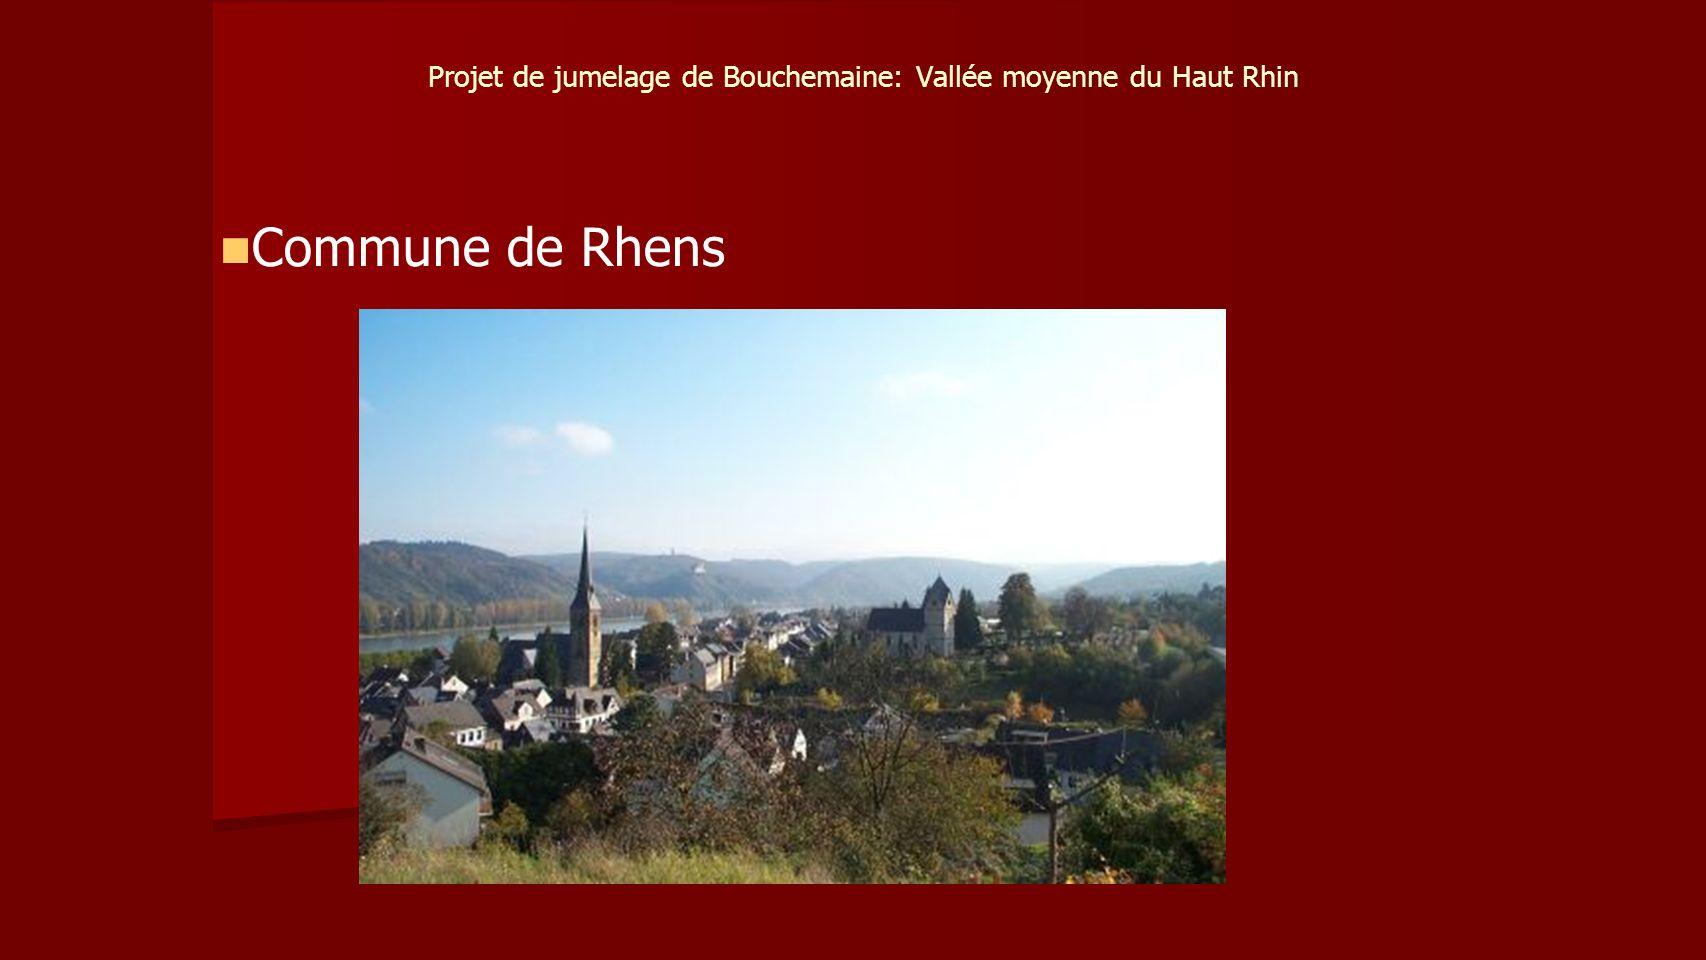 Projet de jumelage de Bouchemaine: Vallée moyenne du Haut Rhin Commune de Rhens